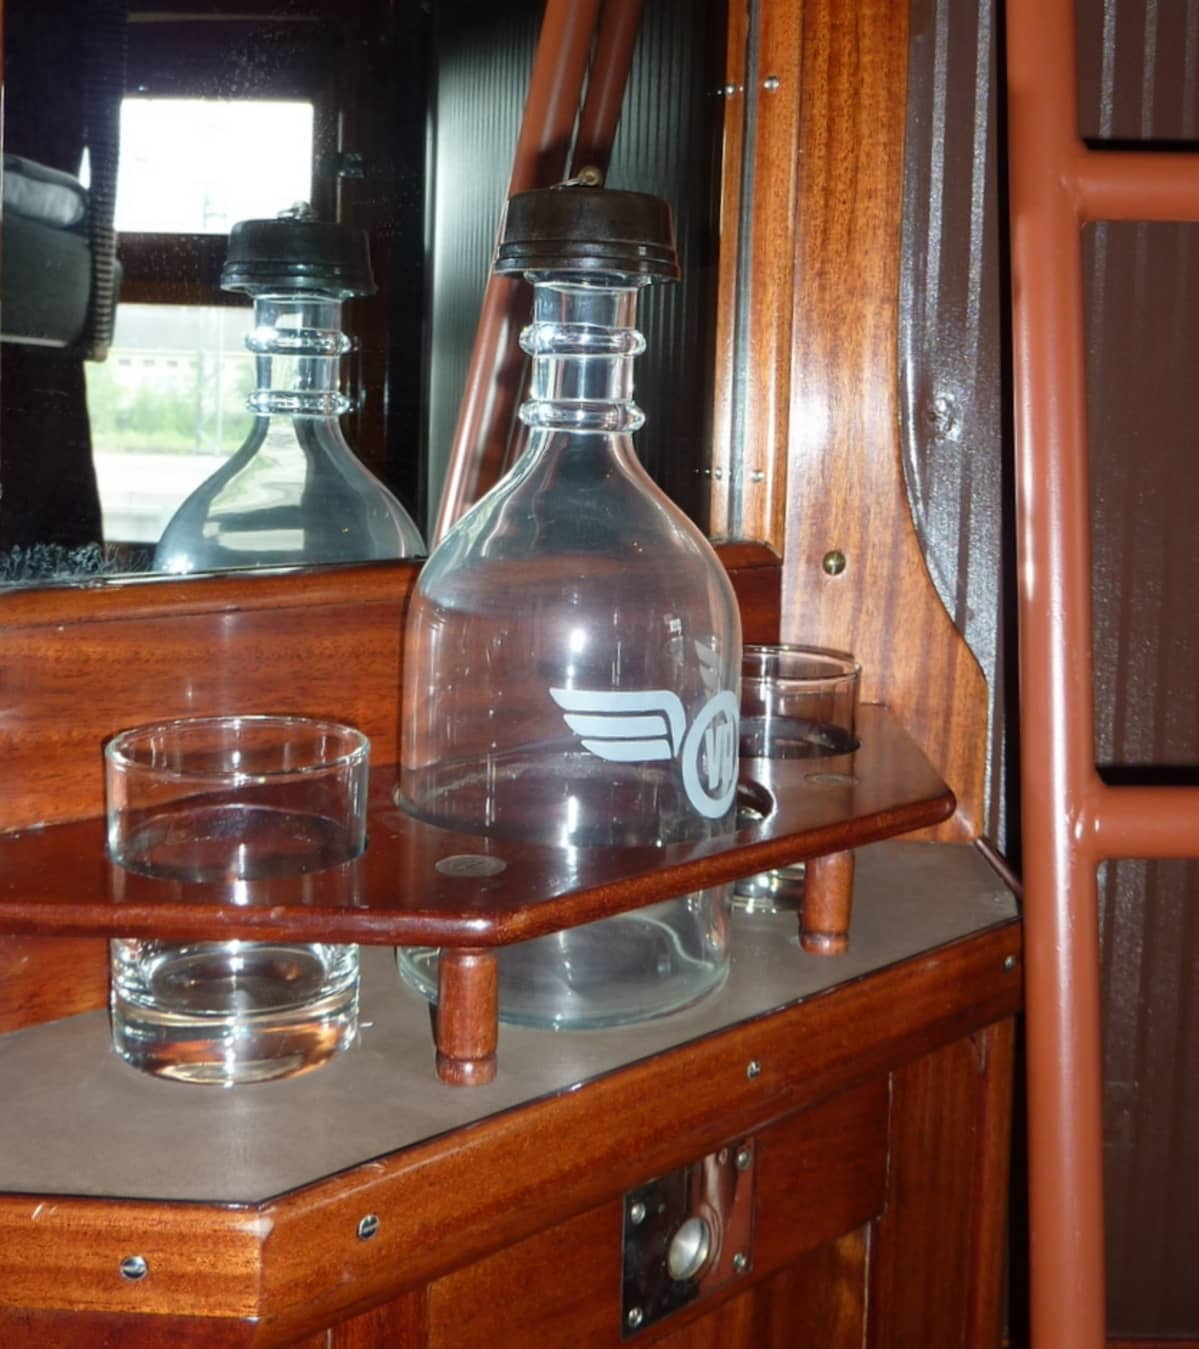 Juomapullo salonkivaunussa